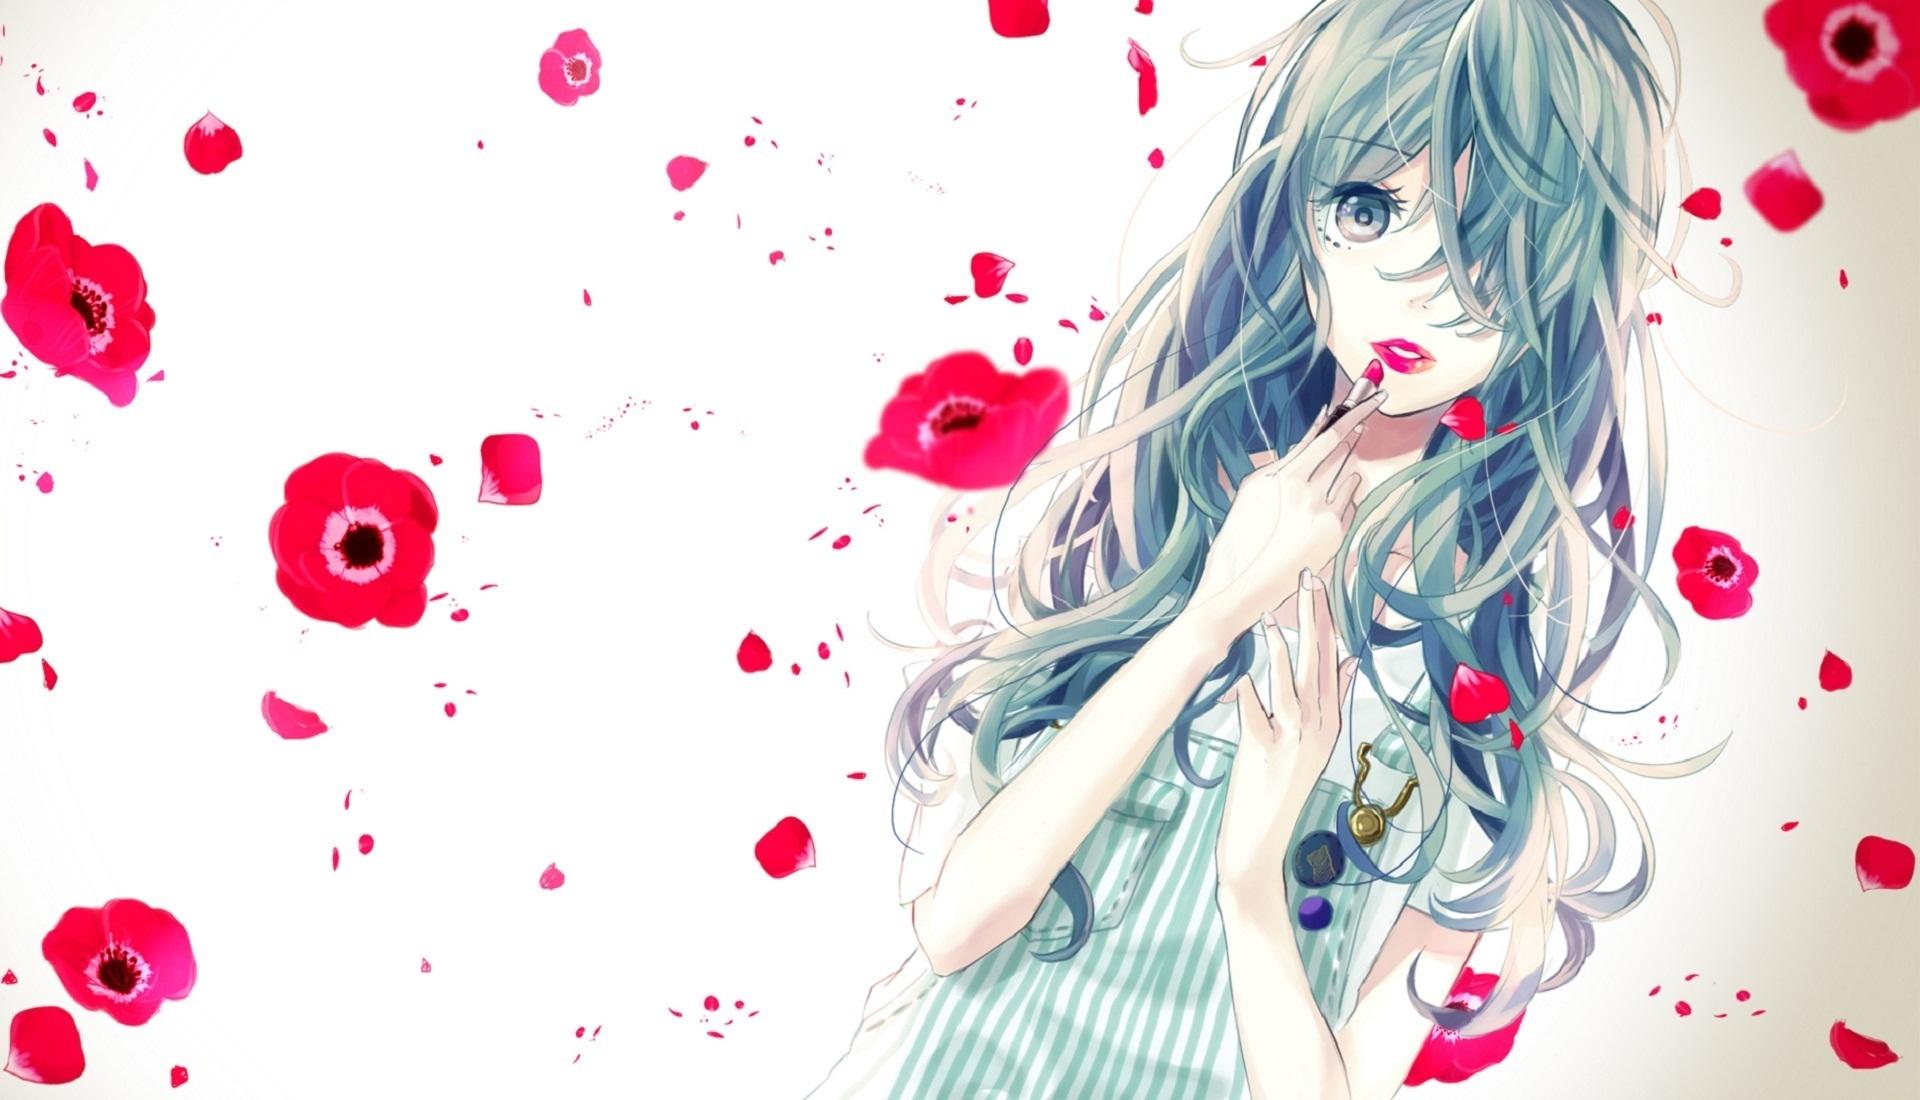 Anime Cute Wallpaper 1920x1100 Anime Cute 1920x1100